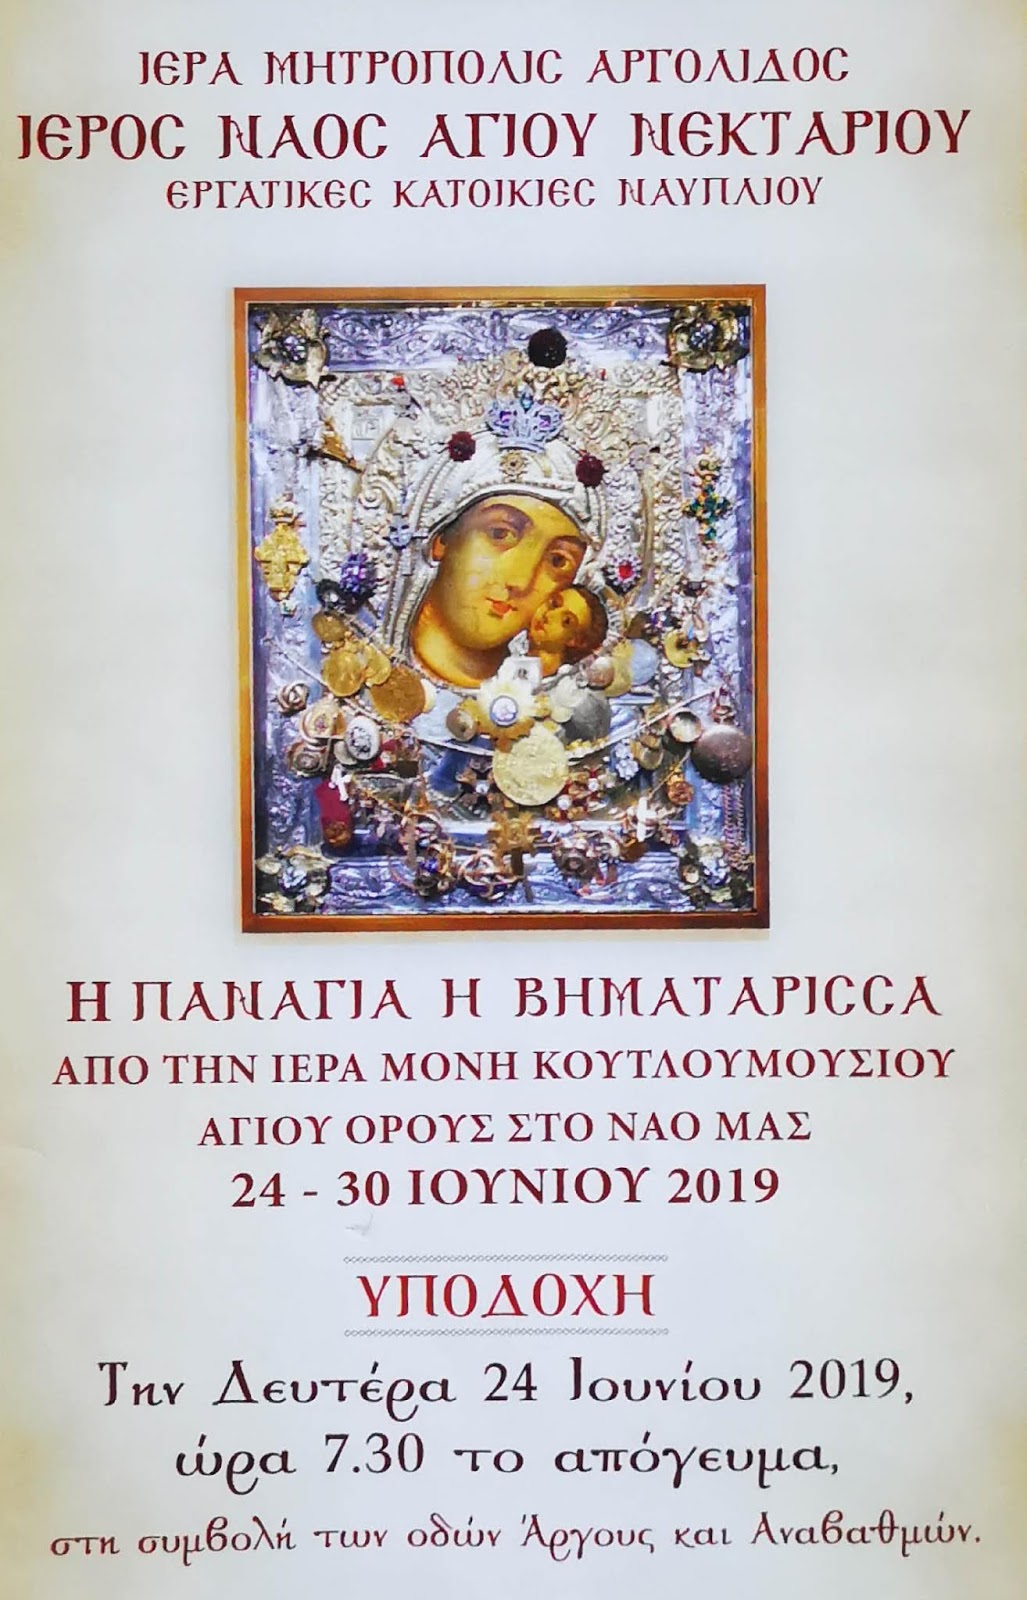 Ιερά Εικόνα της Παναγίας στον Άγιο Νεκτάριο Εργατικών Κατοικιών Ναυπλίου